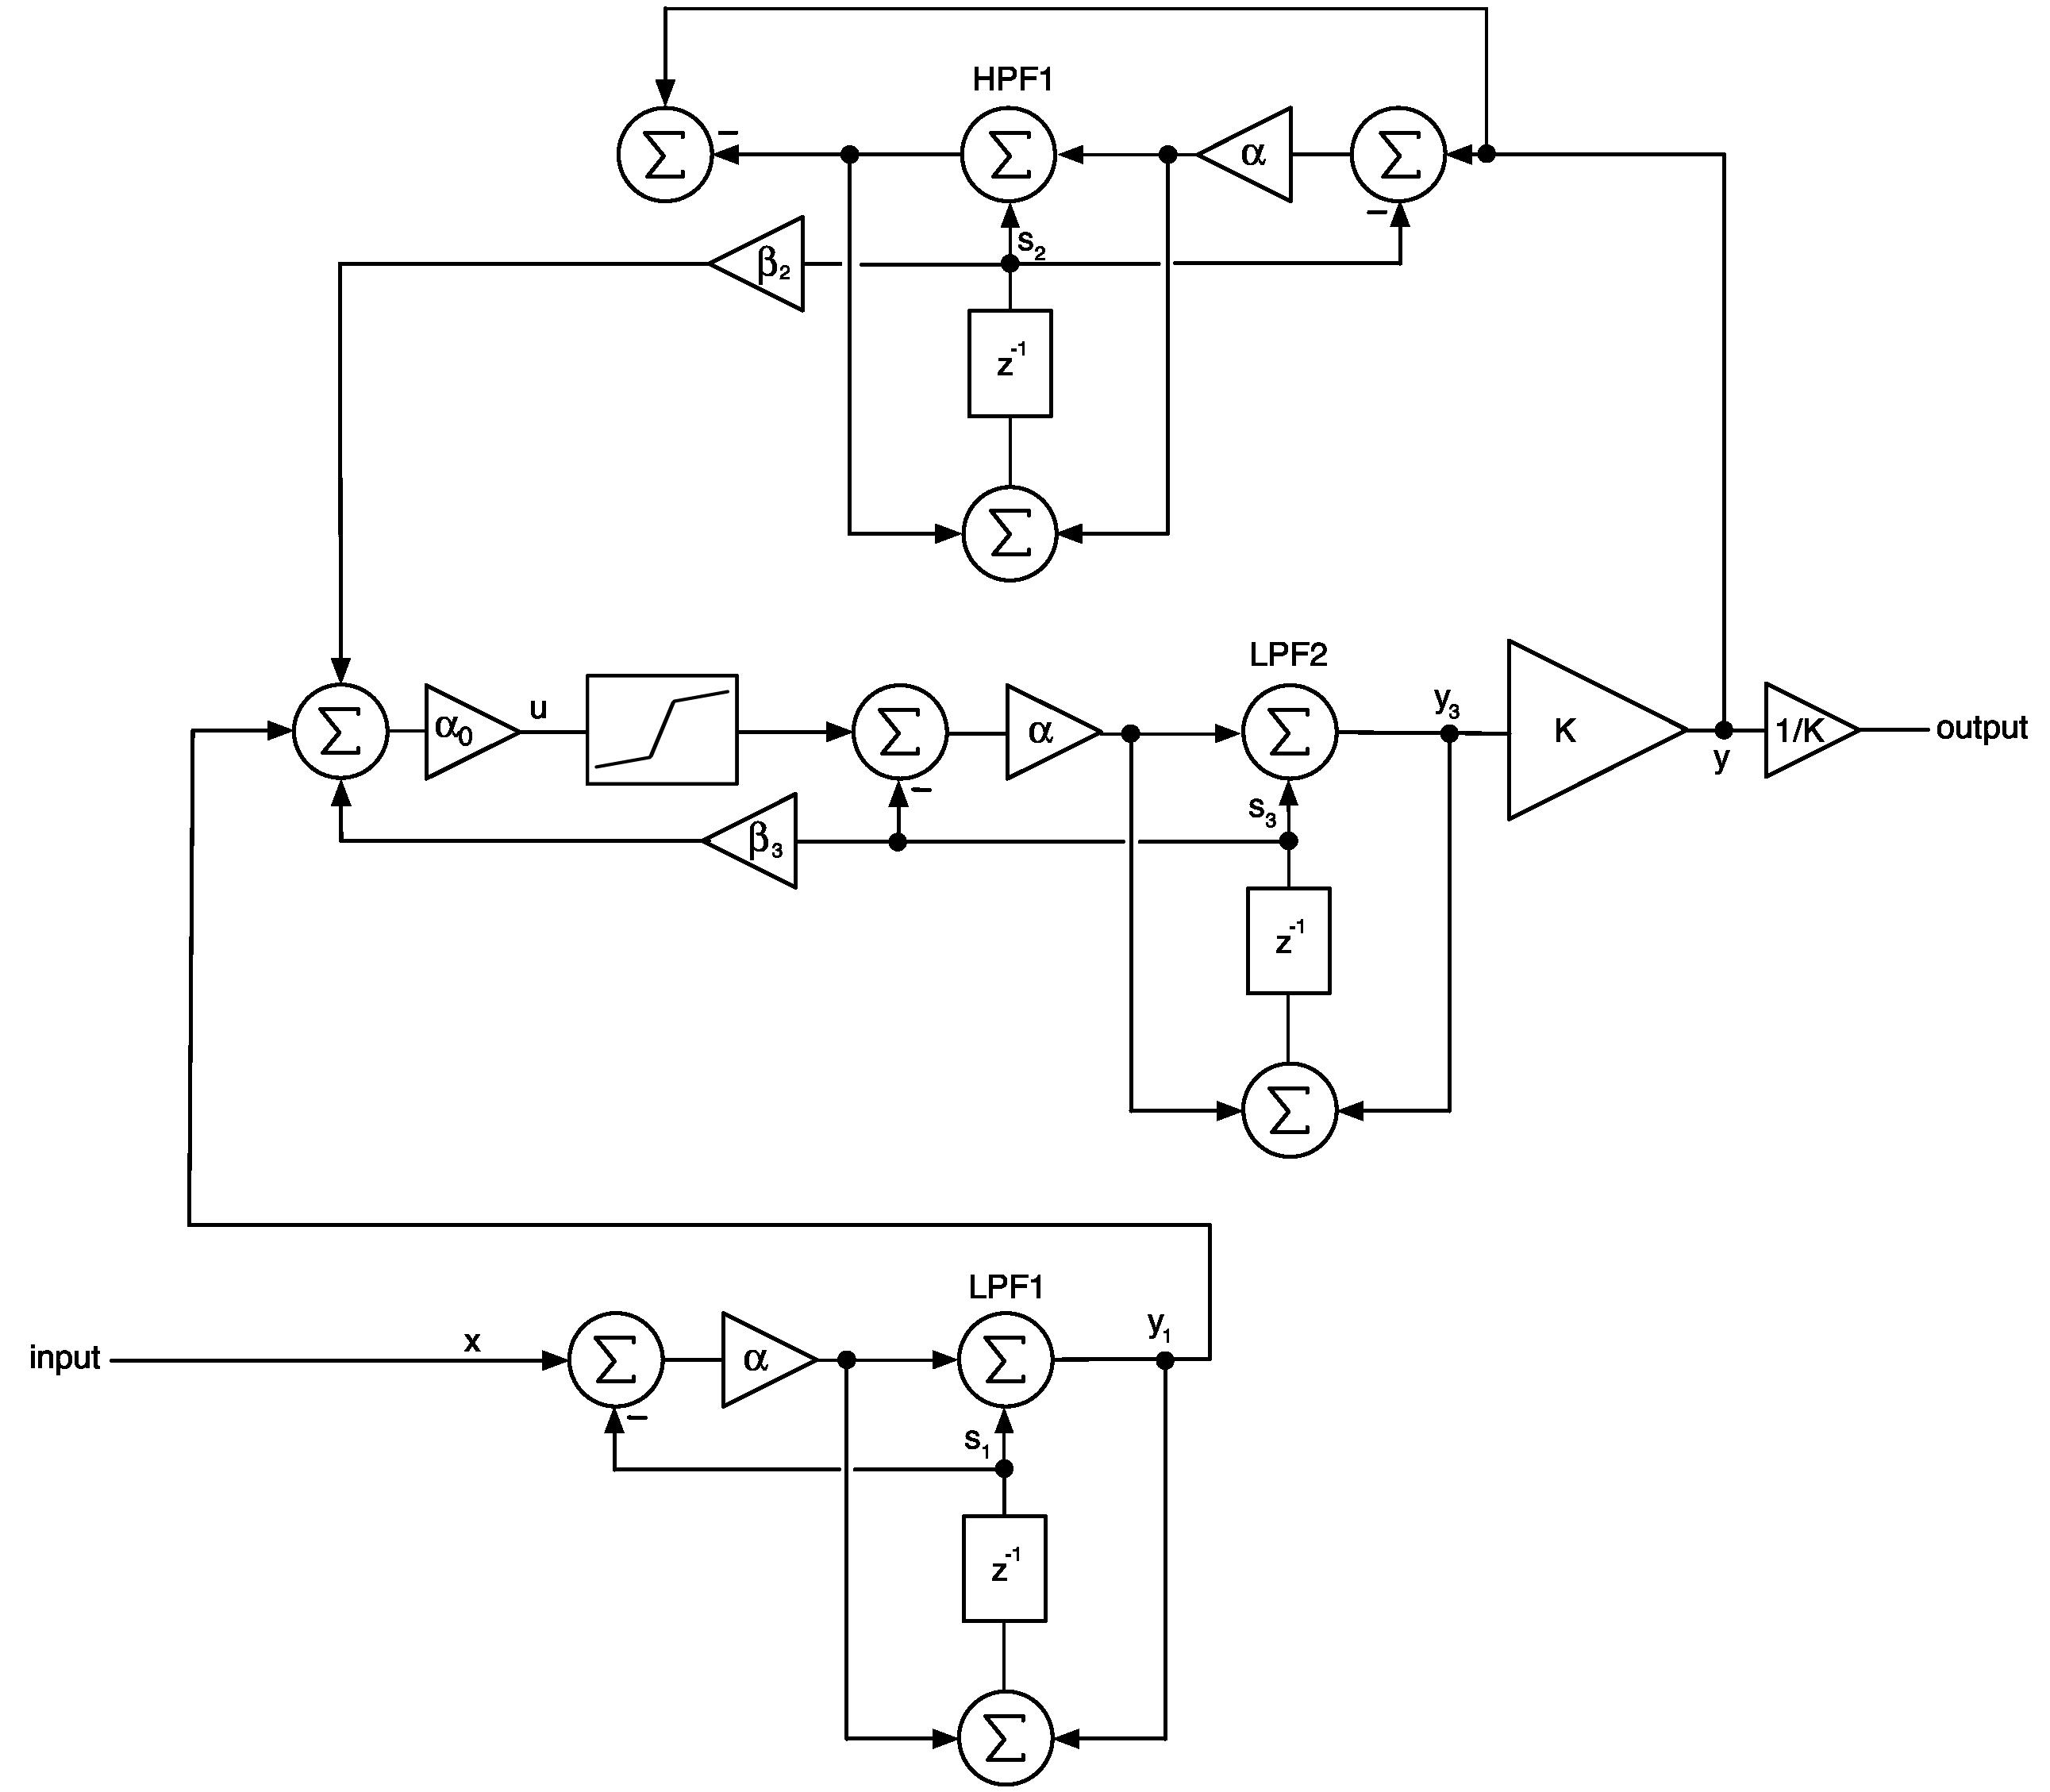 Rackafx Virtual Analog Korg35 Lpf Low Pass Rc Filter Diagram 3